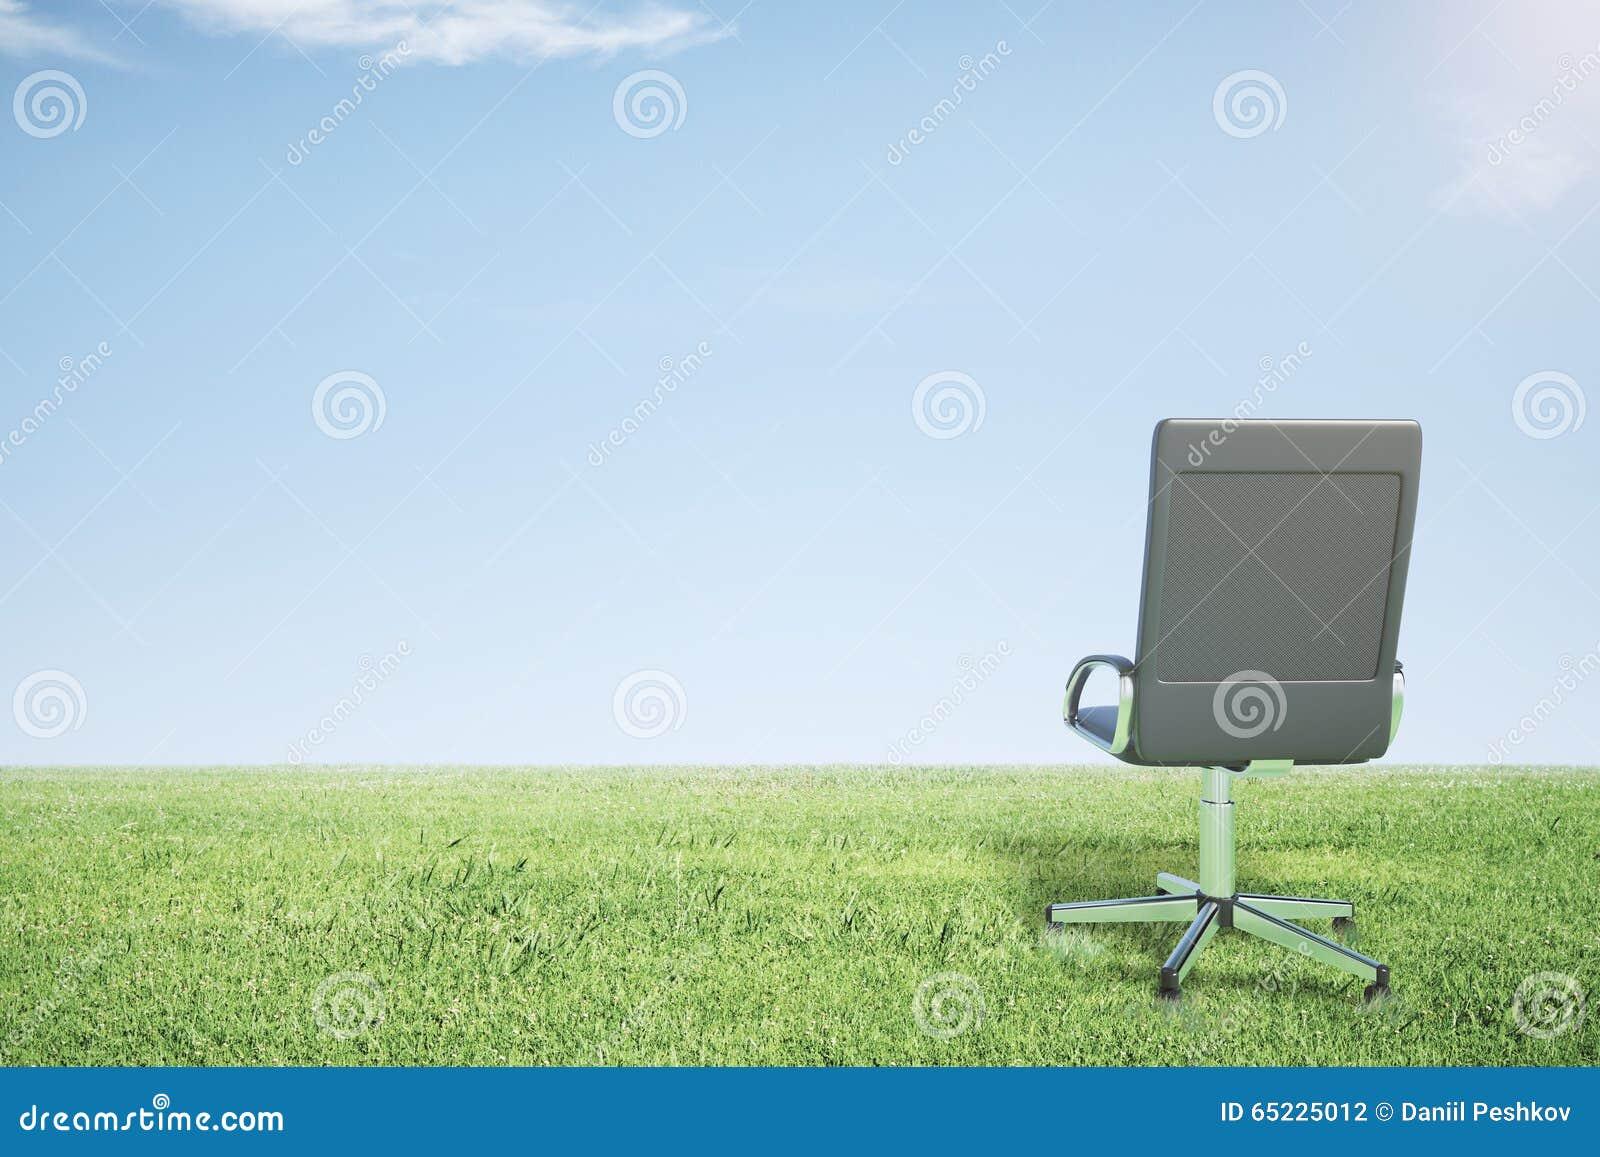 Pusty biurowy krzesło na zielonej trawie i niebieskim niebie